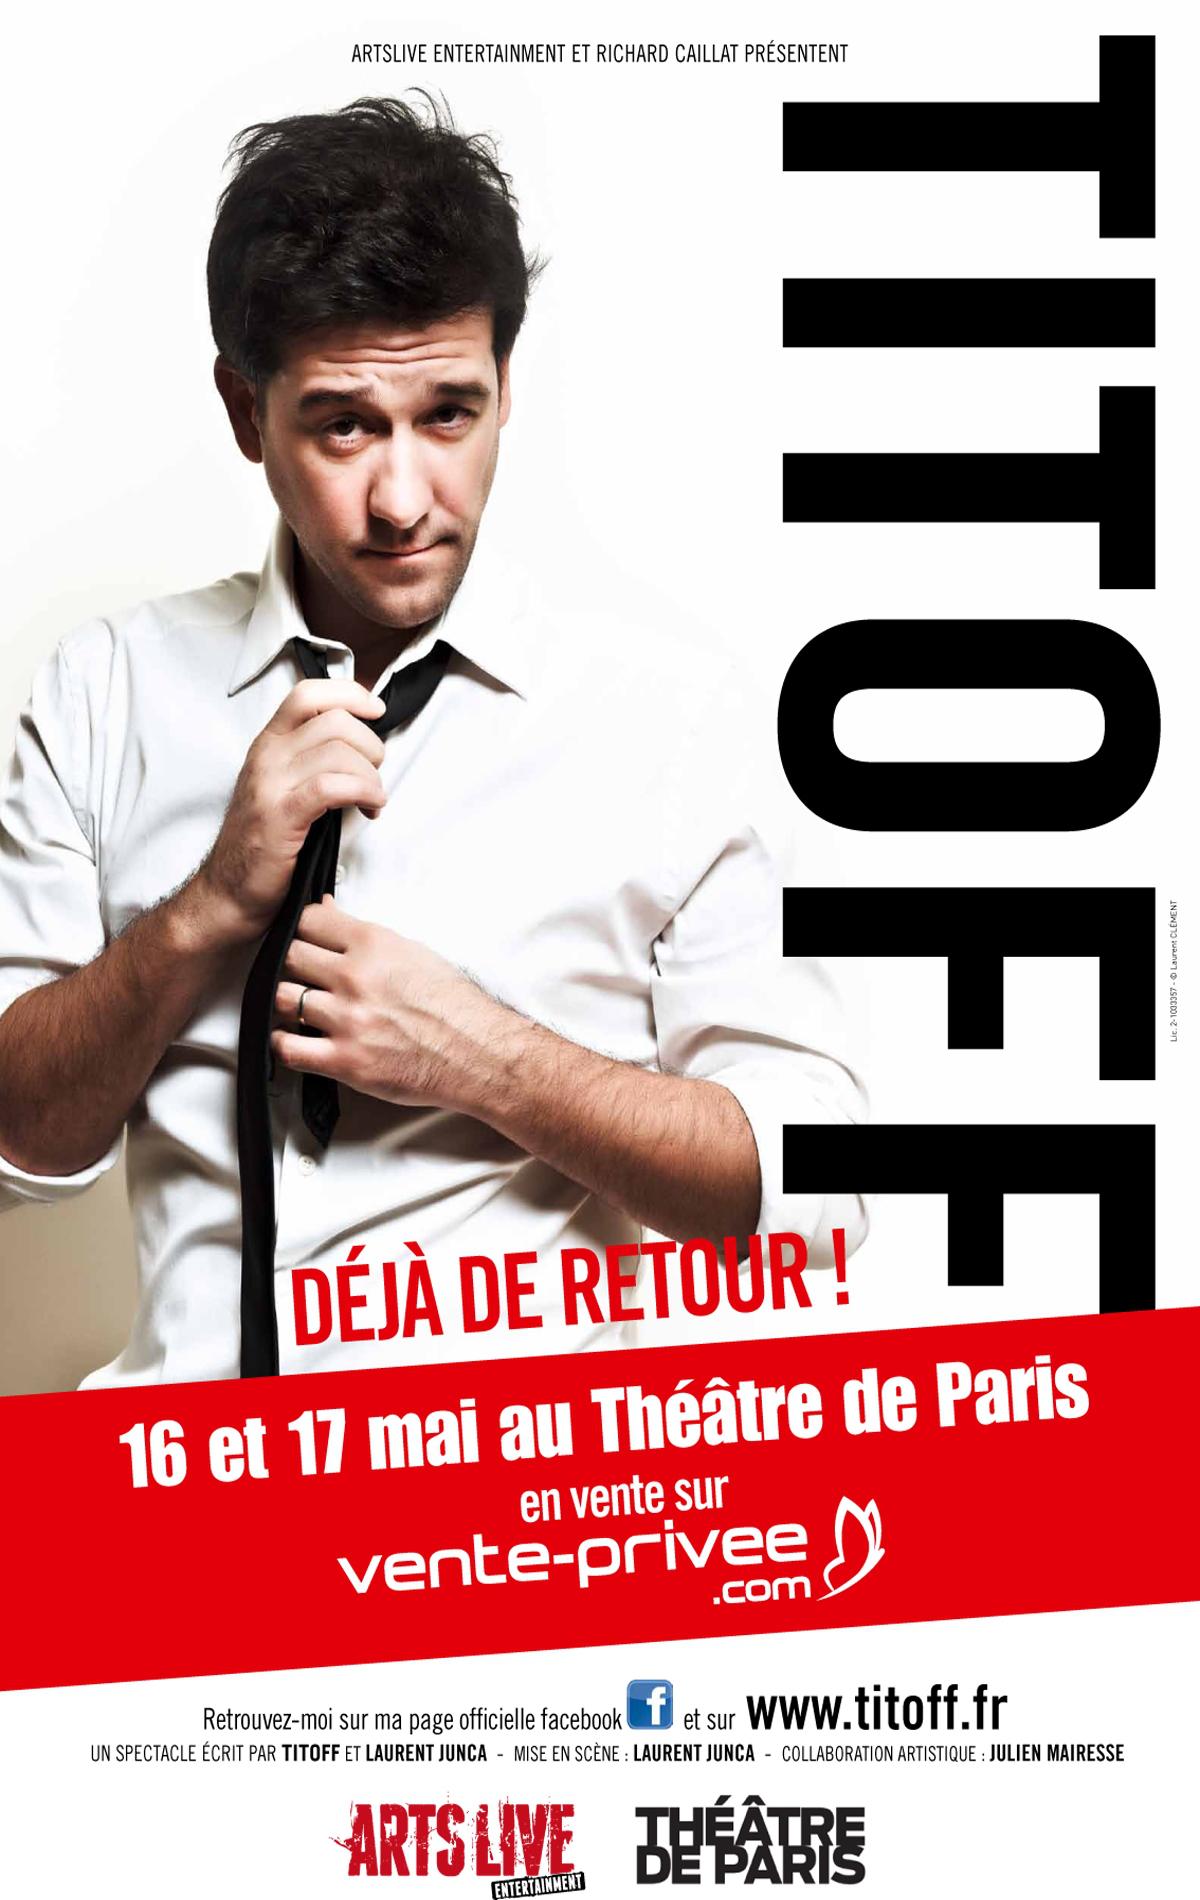 vente privée spectacle de titoff le 16 et 17 mai theatre de paris (spectacle enregistré pour le dvd)